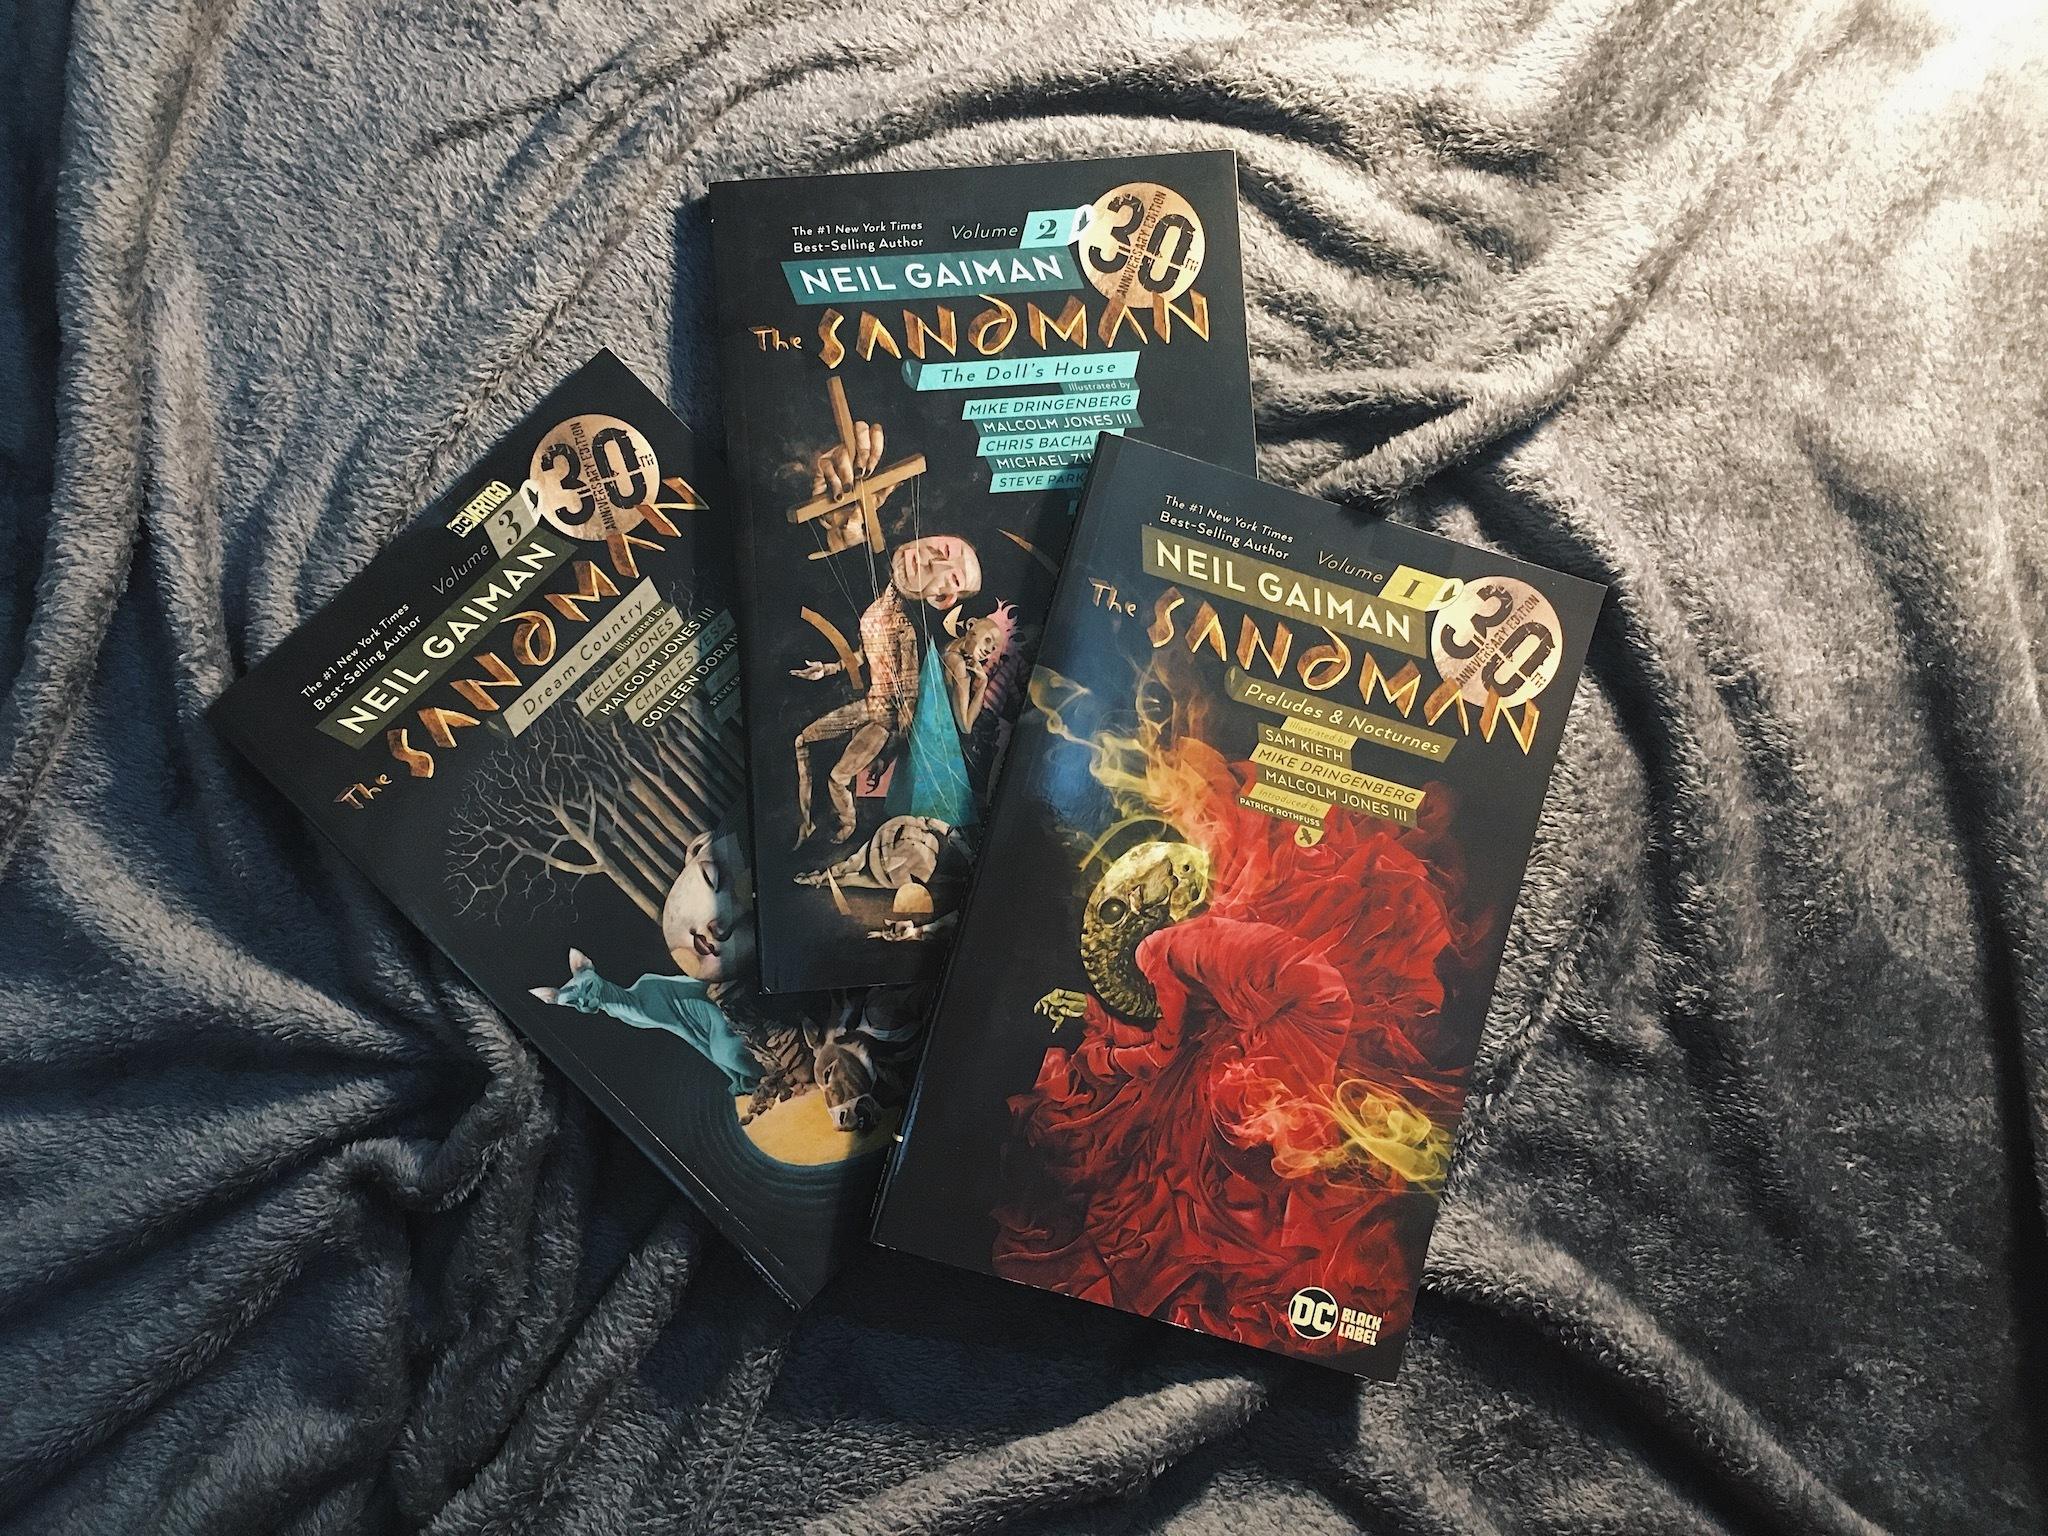 The Sandman, comics, graphic novels